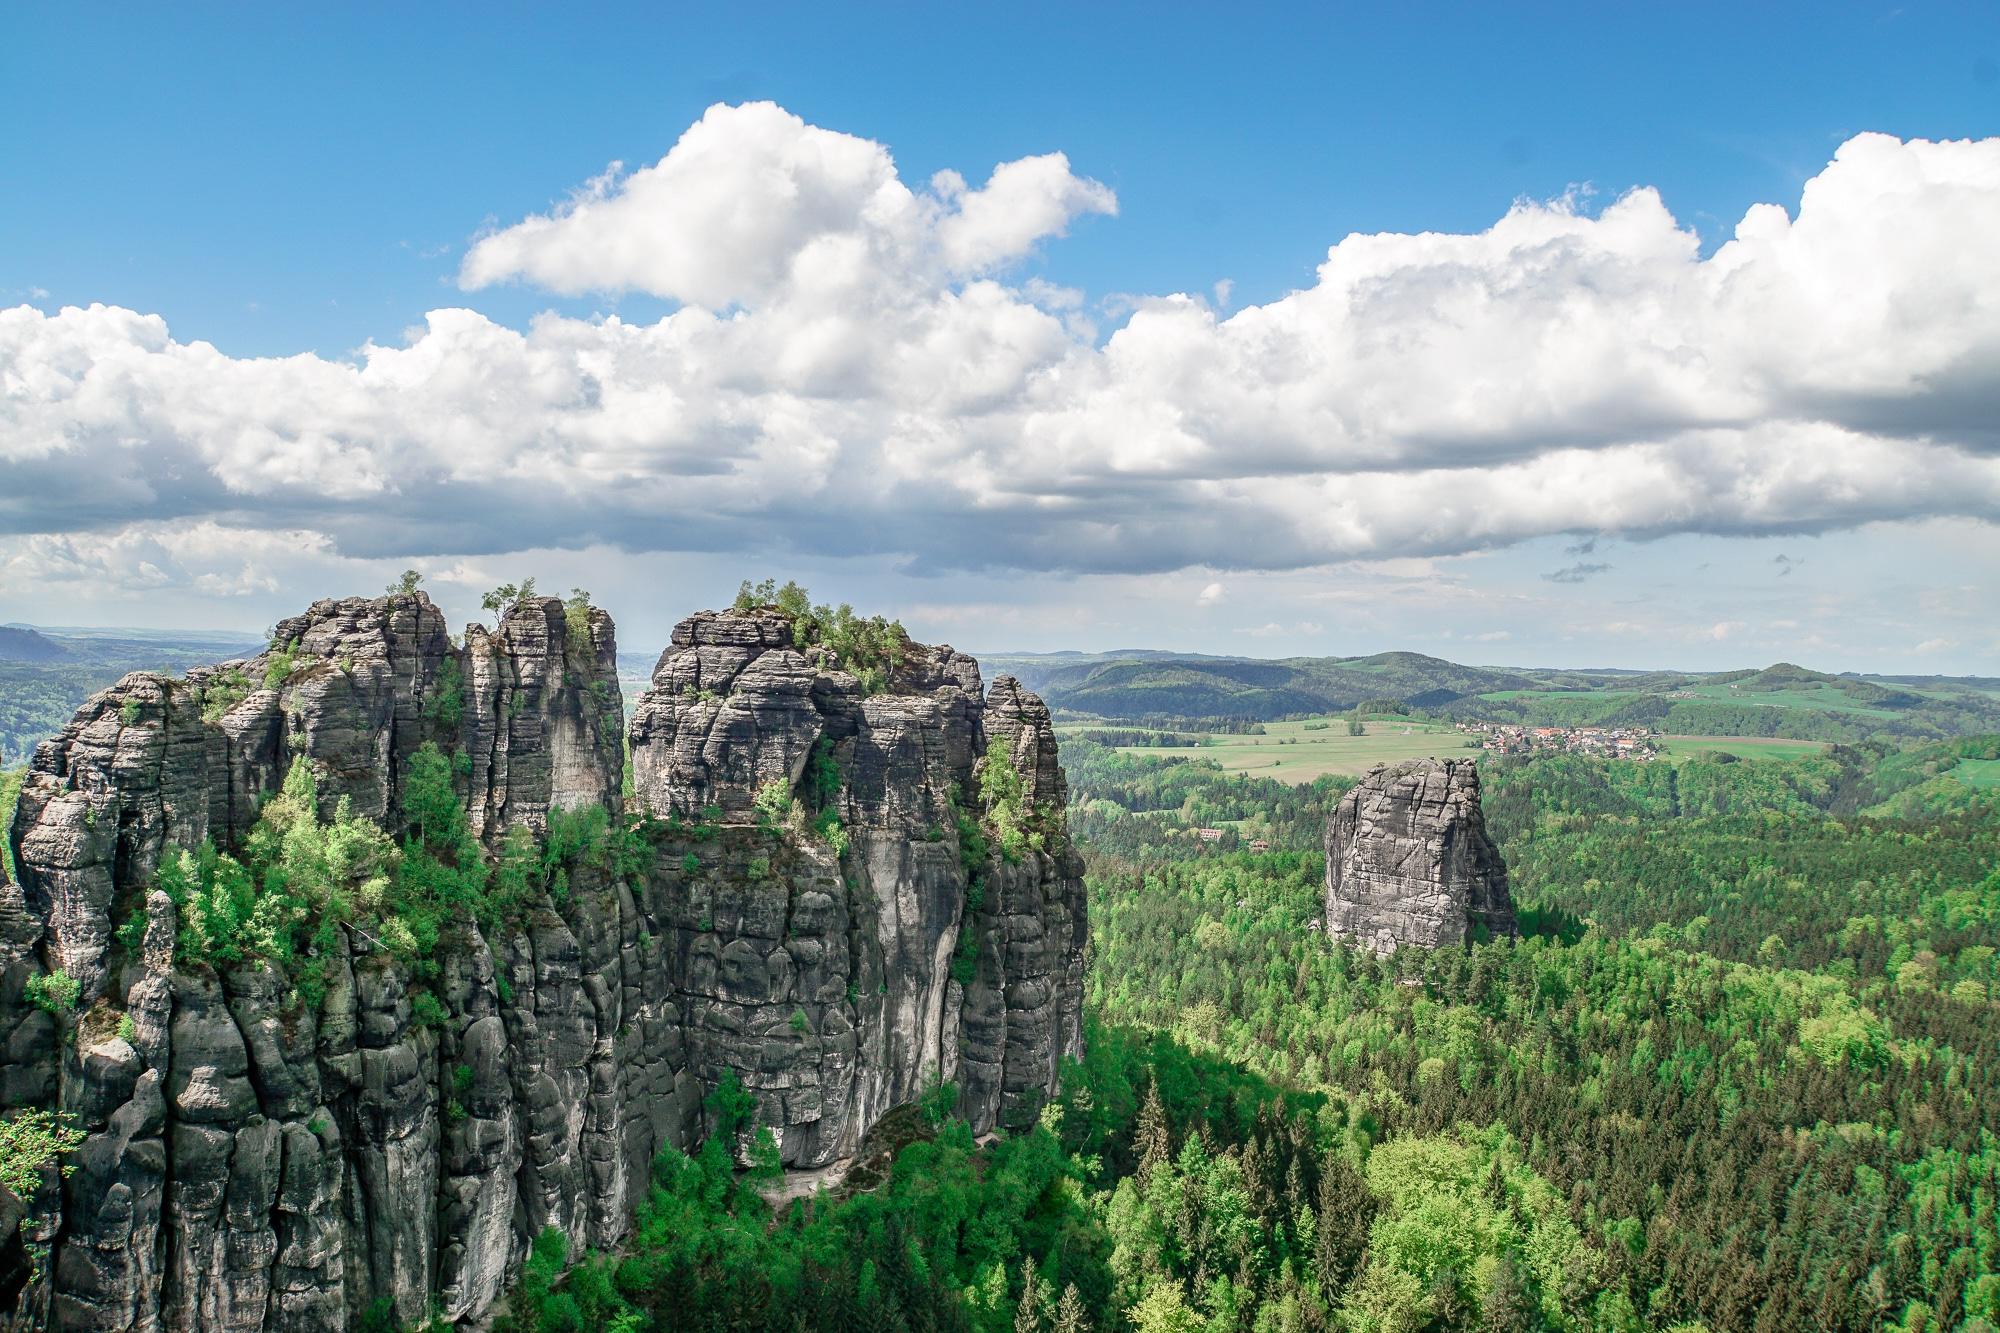 Sächsische Schweiz Sehenswürdigkeiten: Highlights in der Region beim Klettern, Wandern und Radfahren